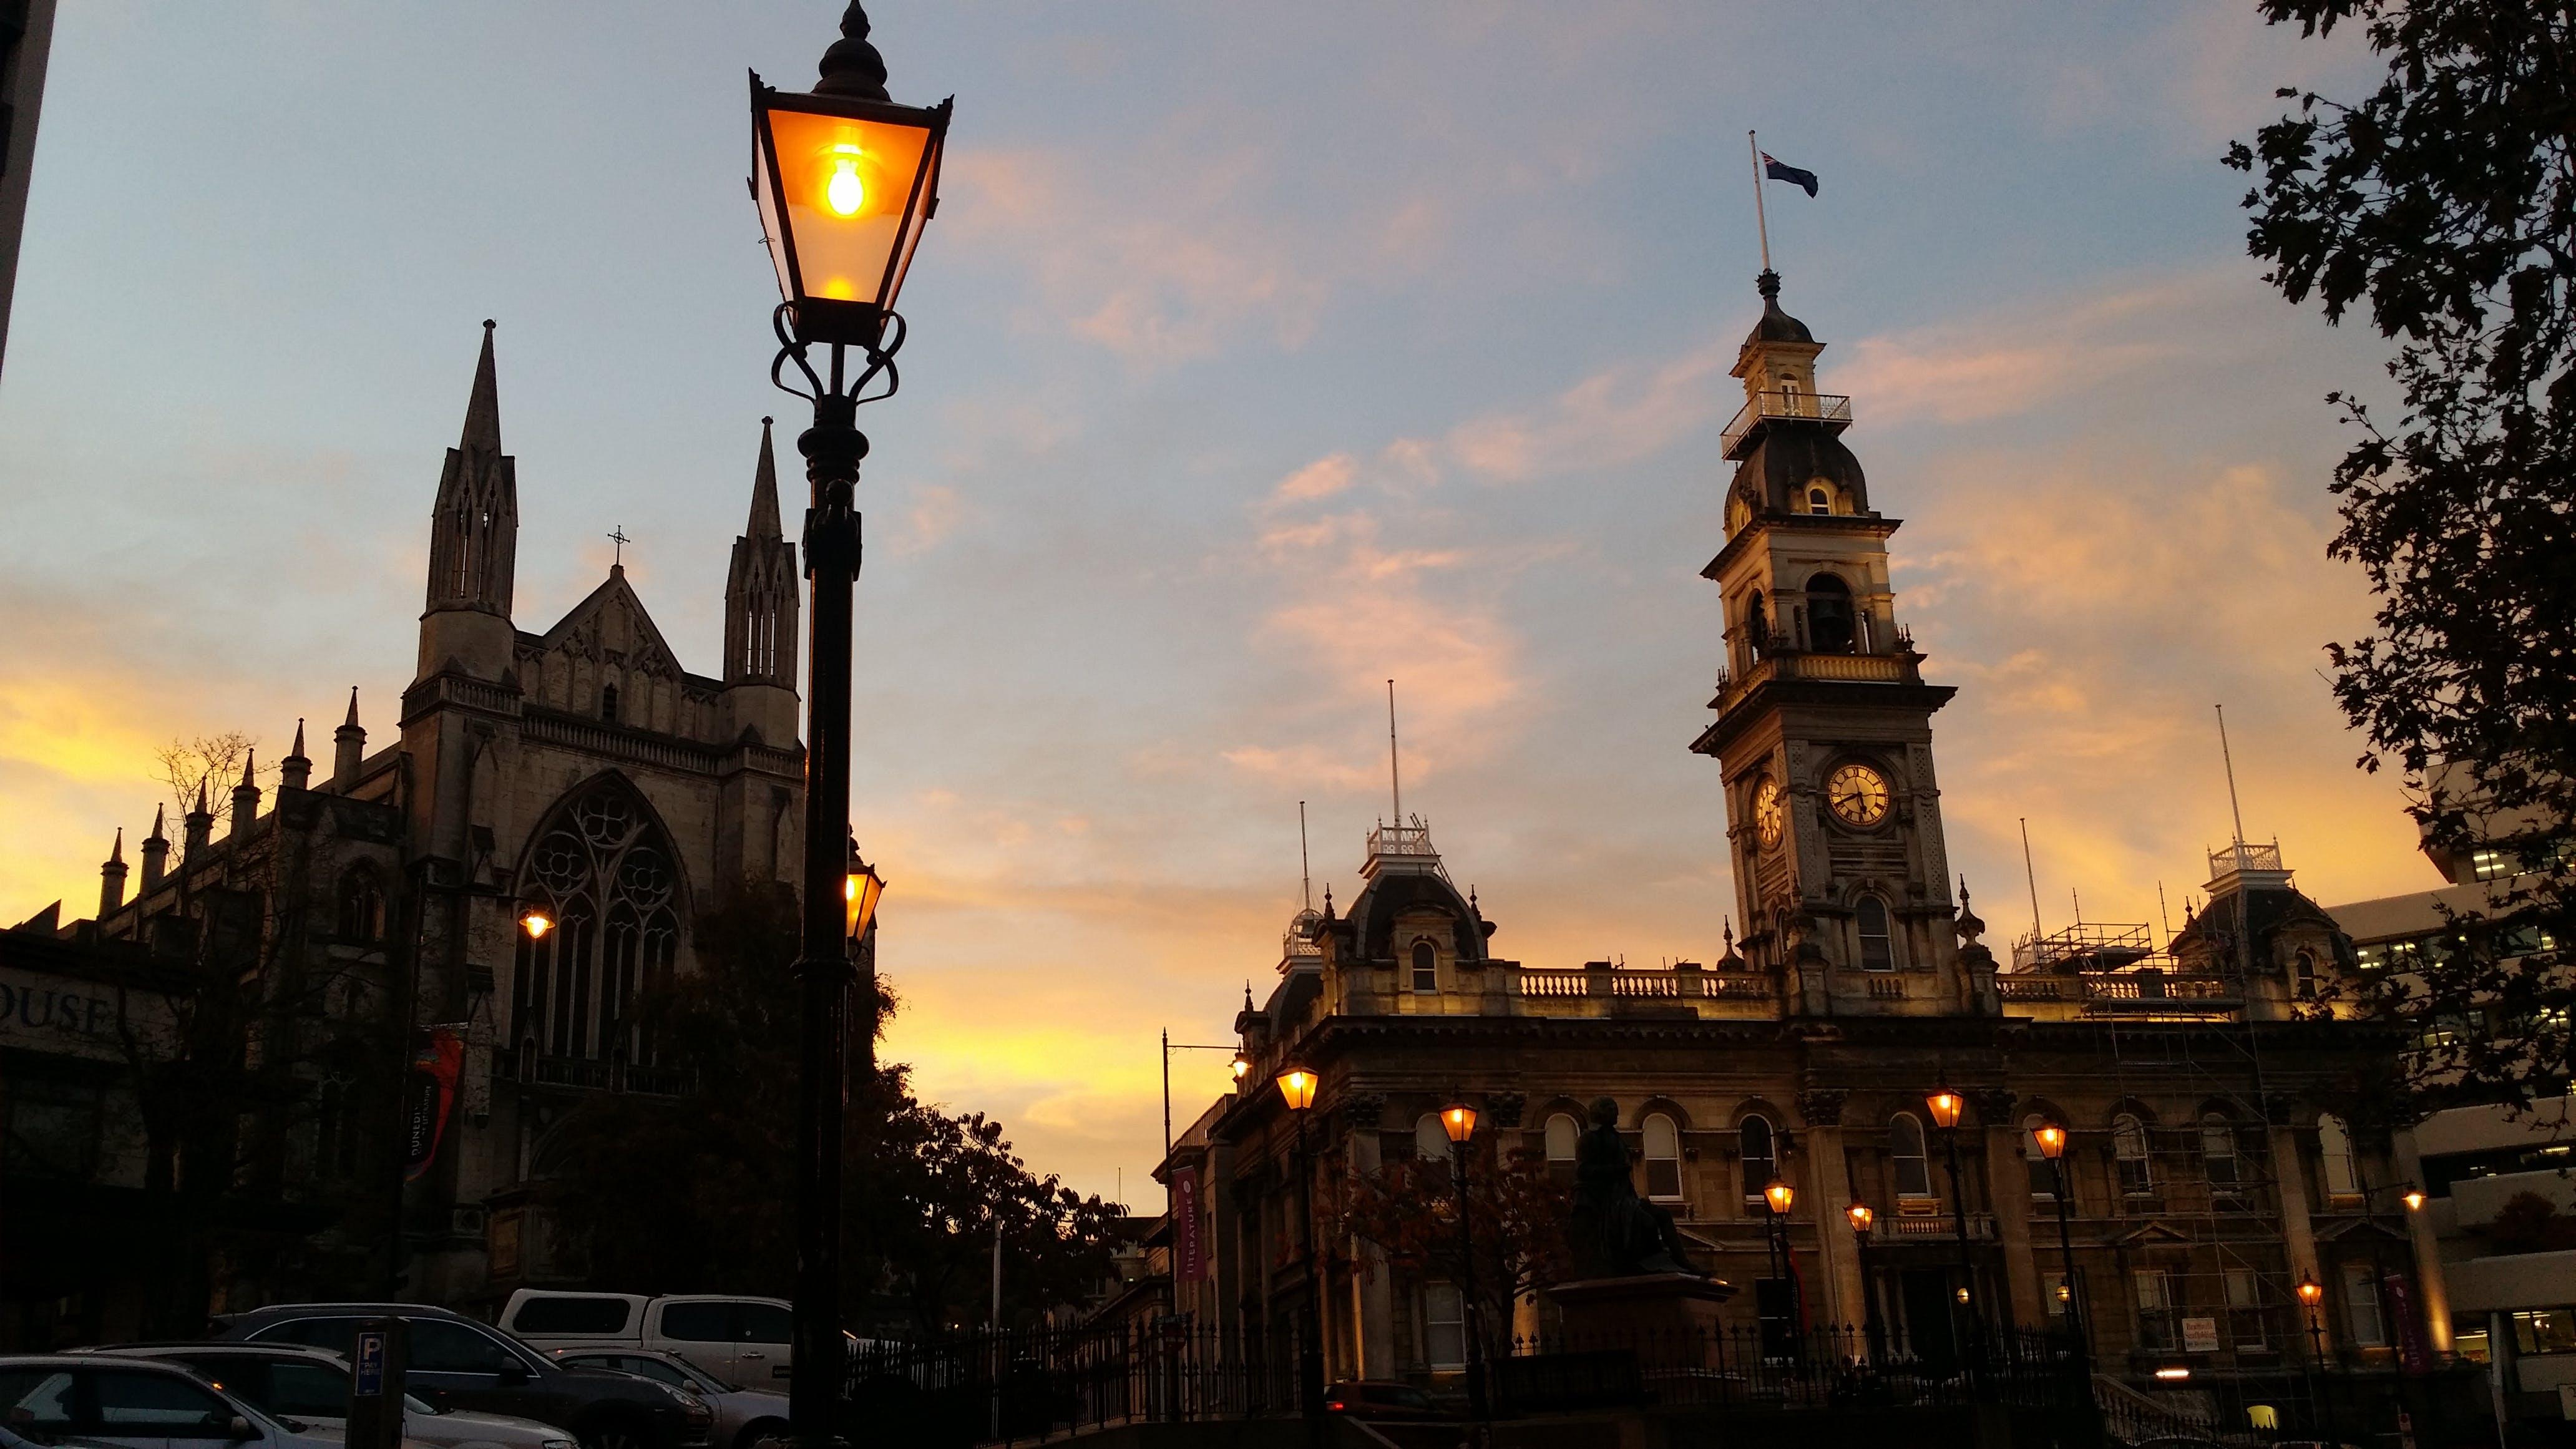 Free stock photo of sunset, summer, architecture, orange